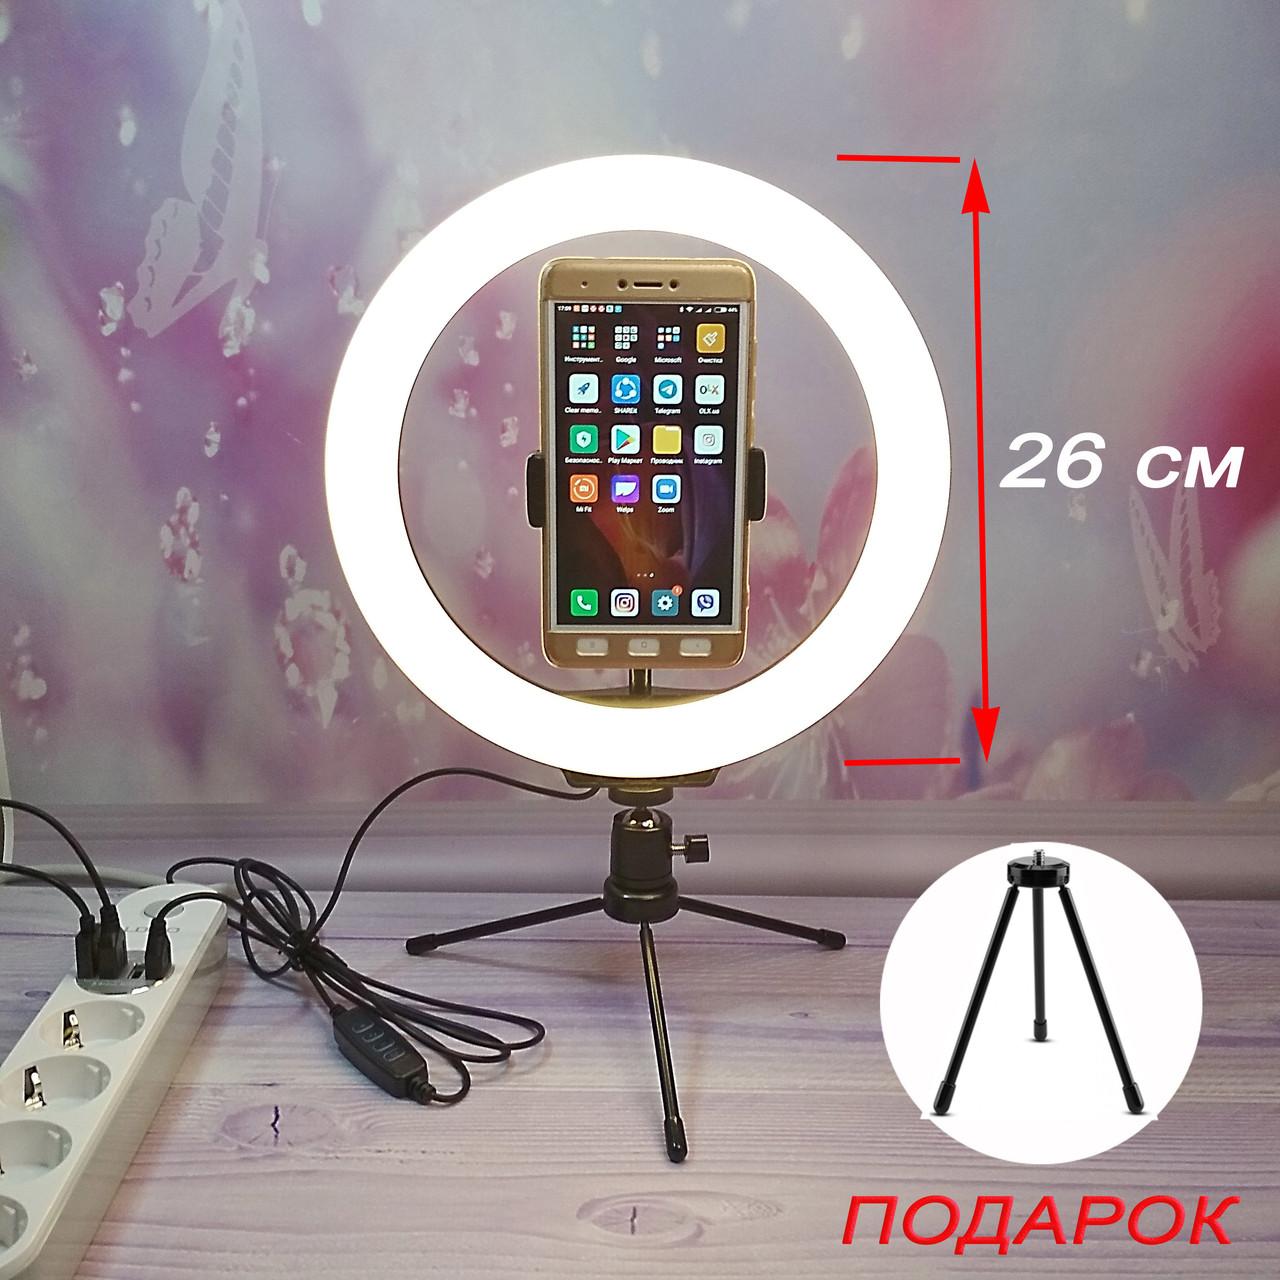 Кільцева лампа Ring Light 26 см+Міні штатив. Кільцева селфи-лампа 26 см на штативі